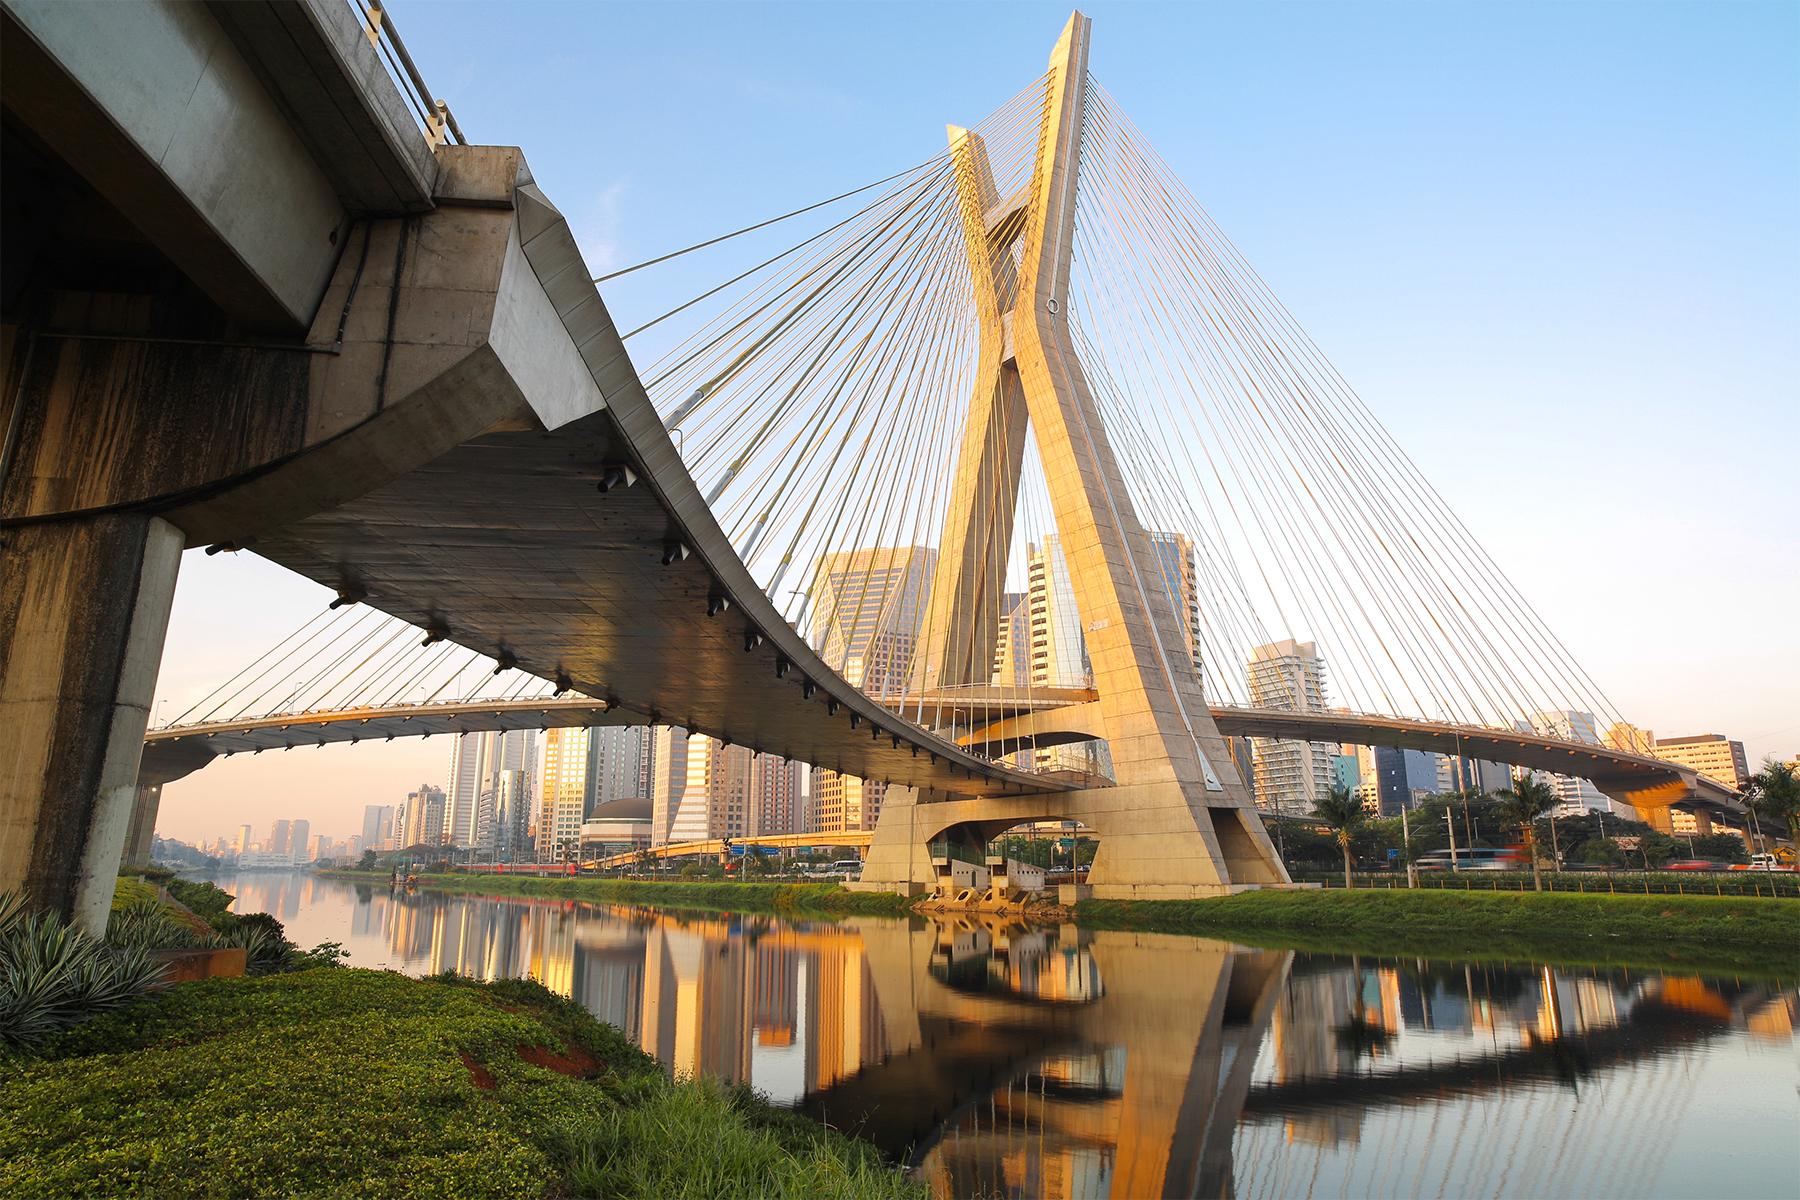 Картинки мостов и зданий